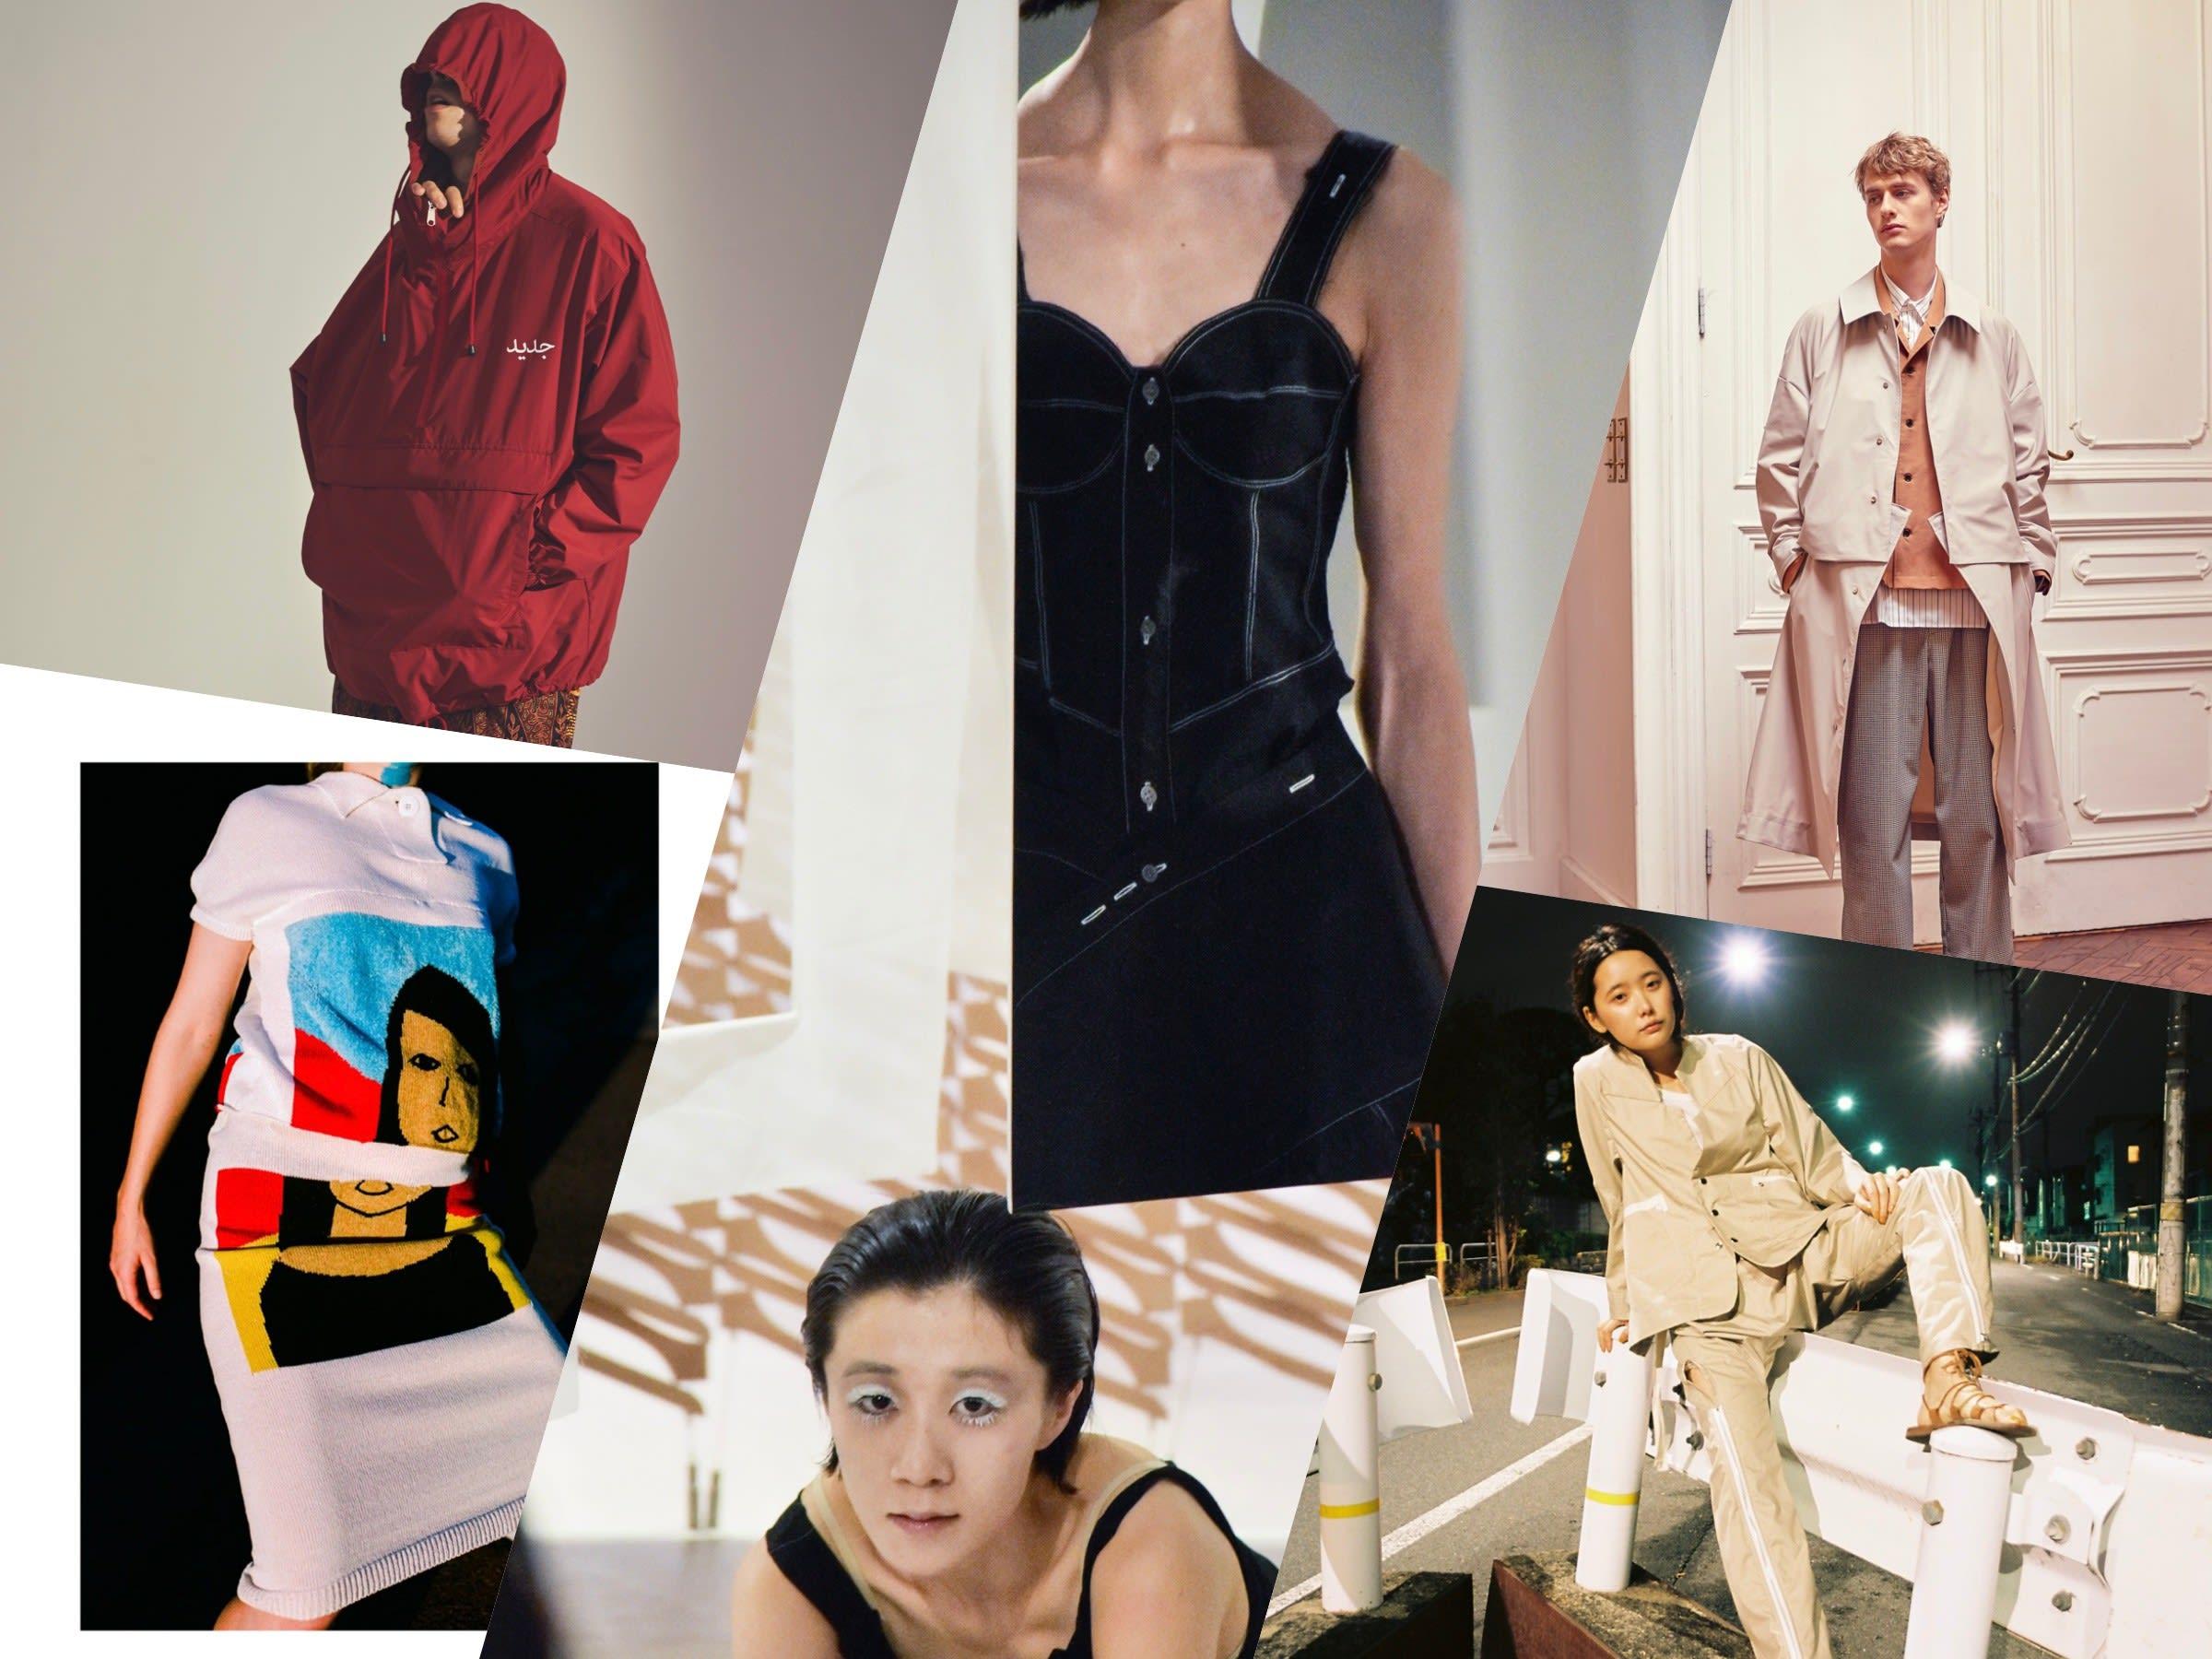 64b711ca5b586 若手ファッションデザイナーのホープをフィーチャーする企画「若手ブランドベスト9」を3年ぶりに公開。今年活躍が期待される日本人デザイナーの9ブランドを  ...